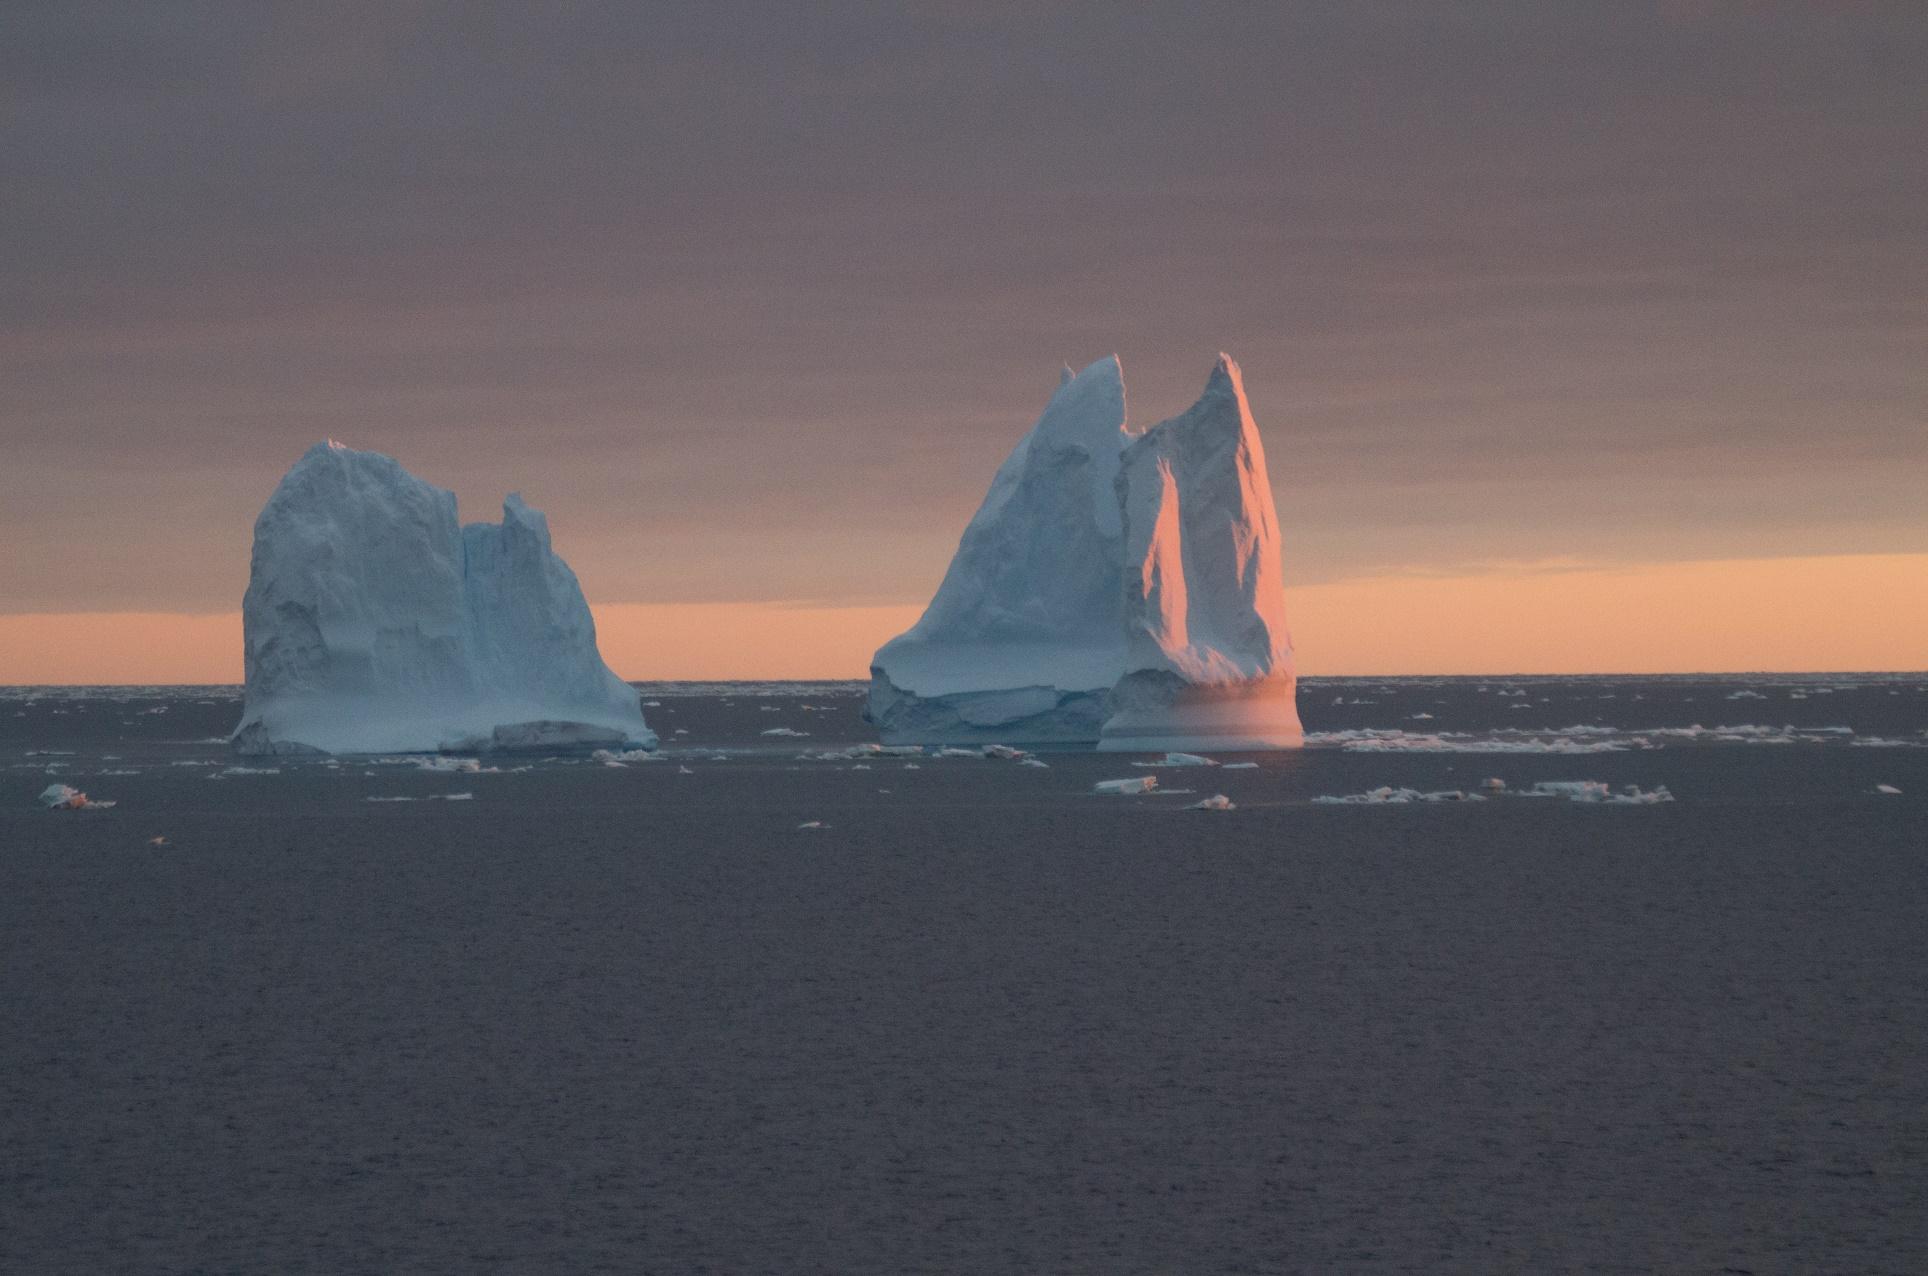 Icebergs Will Hobbs